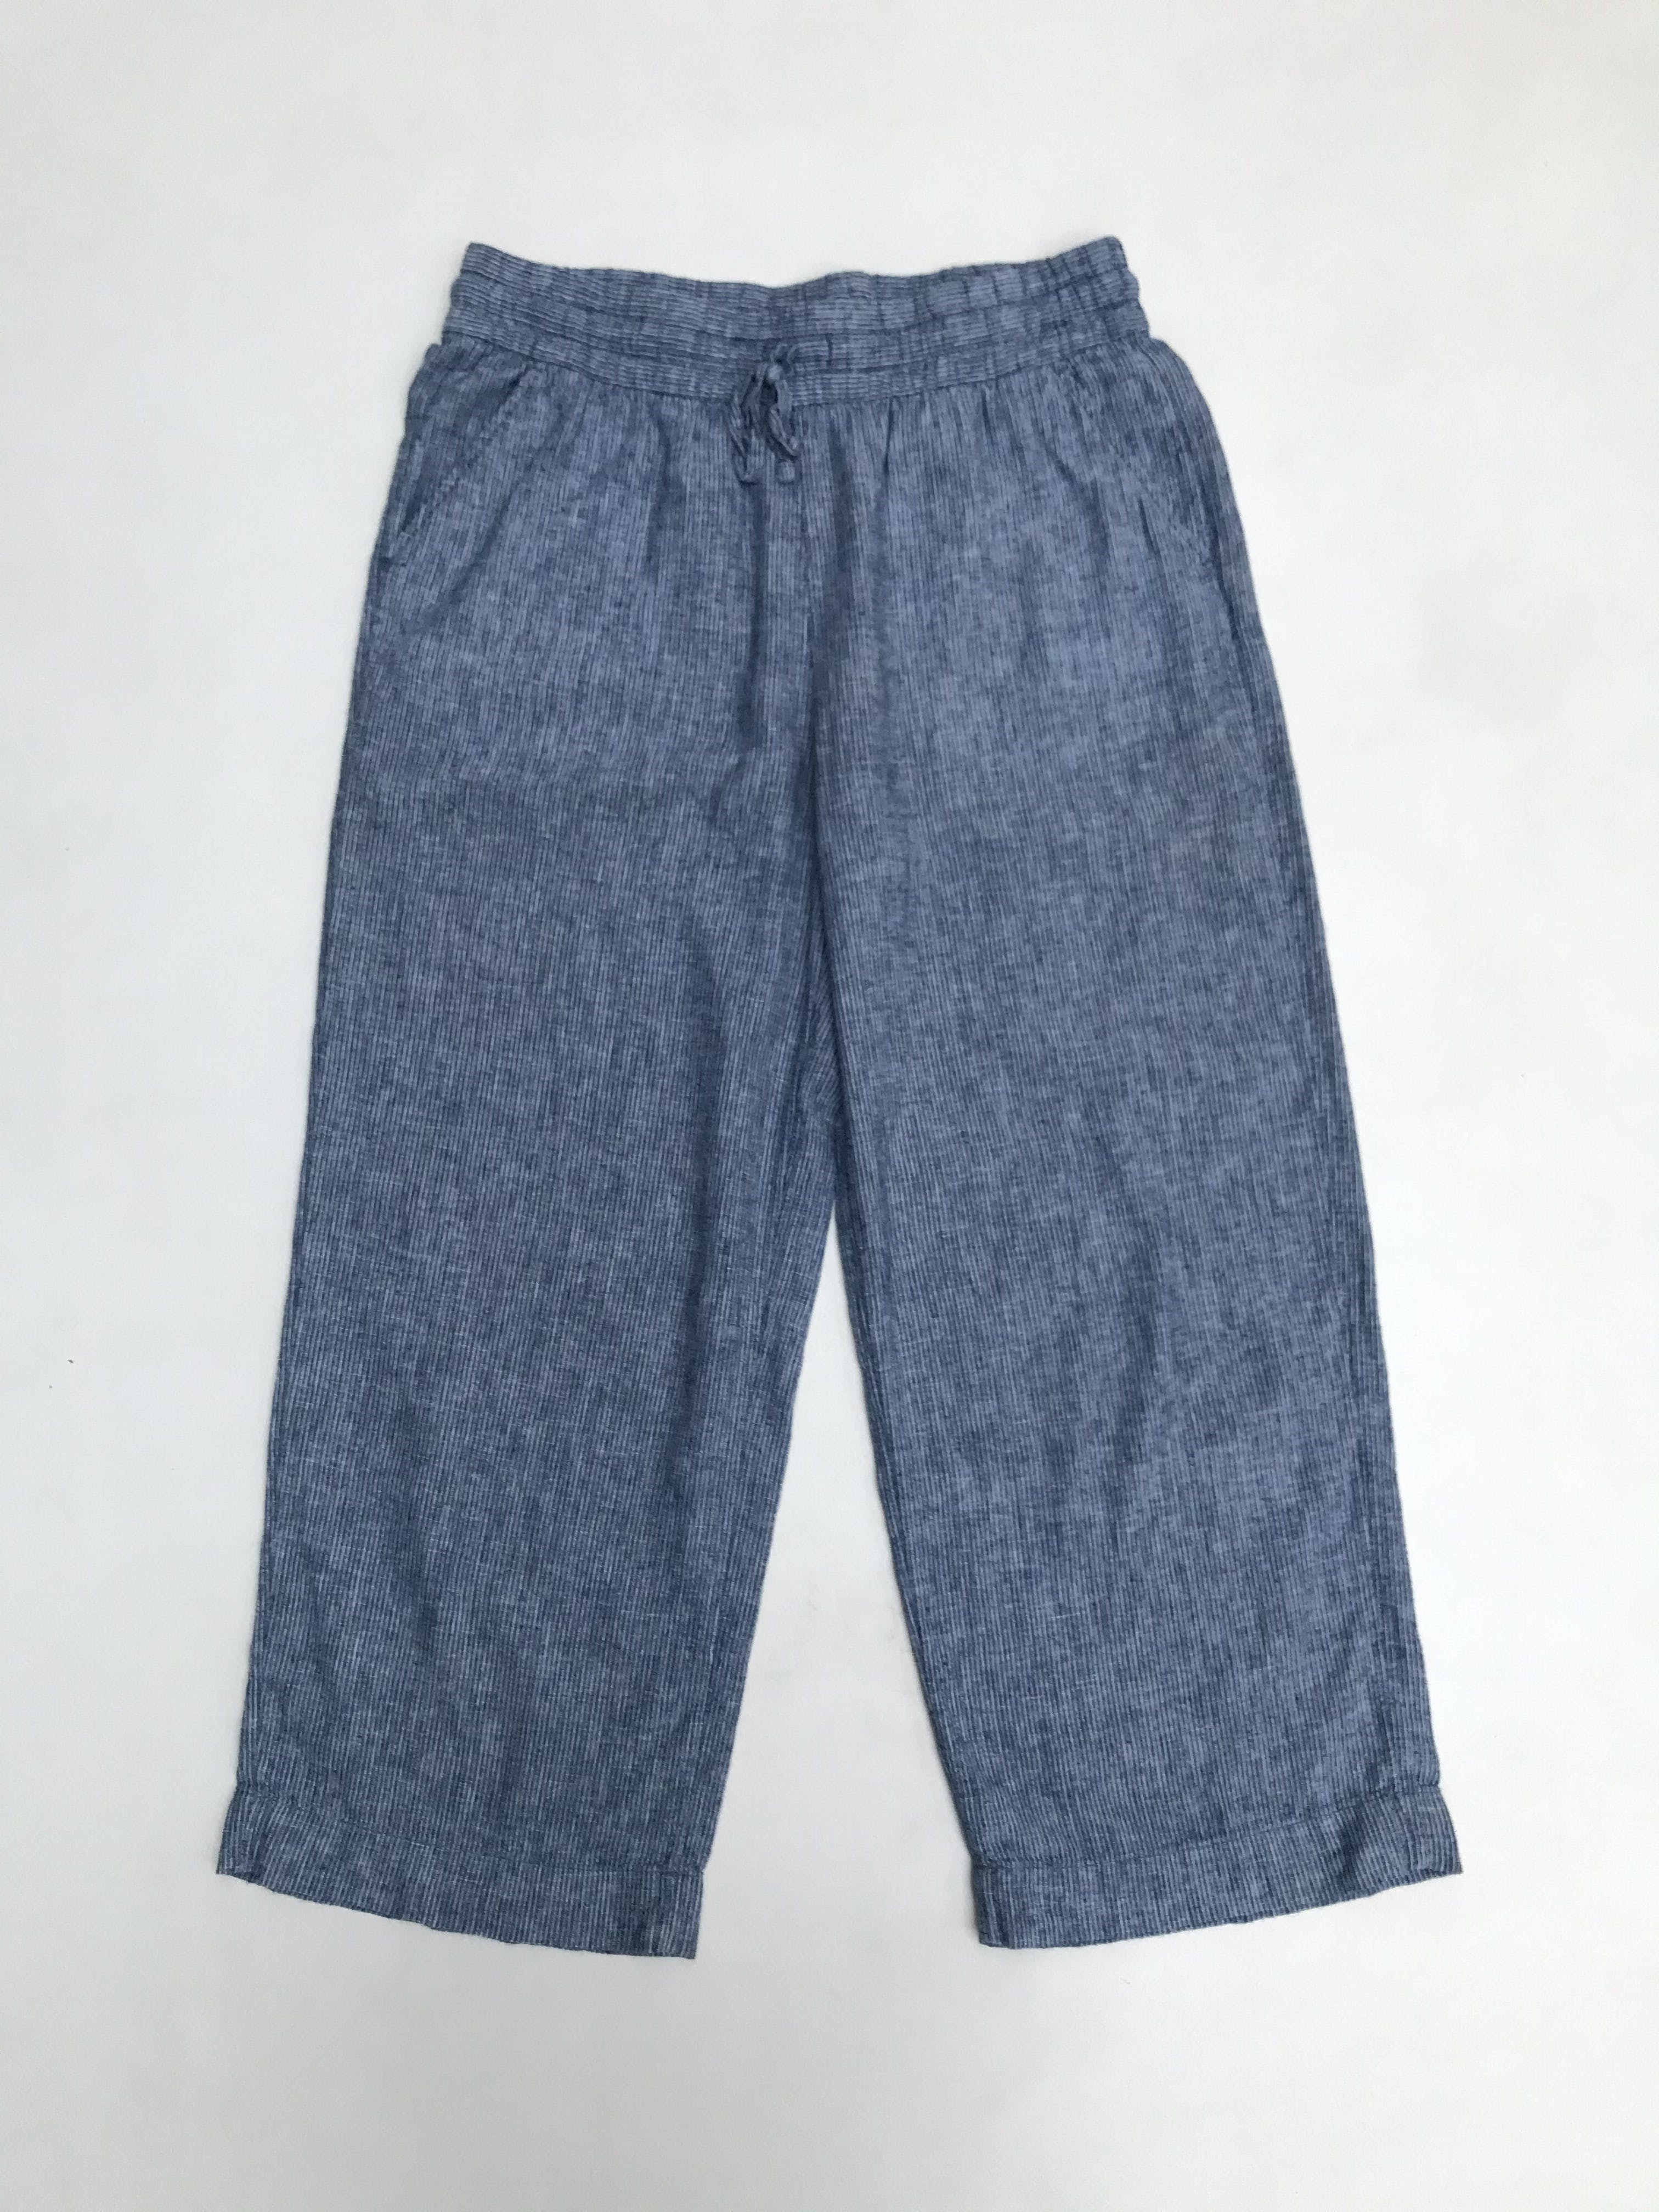 Pantalón H&M tipo culotte, 55% lino 45% algodón, azul con líneas blancas, pierna ancha al tobillo, bolsillos laterales y pretina regulable